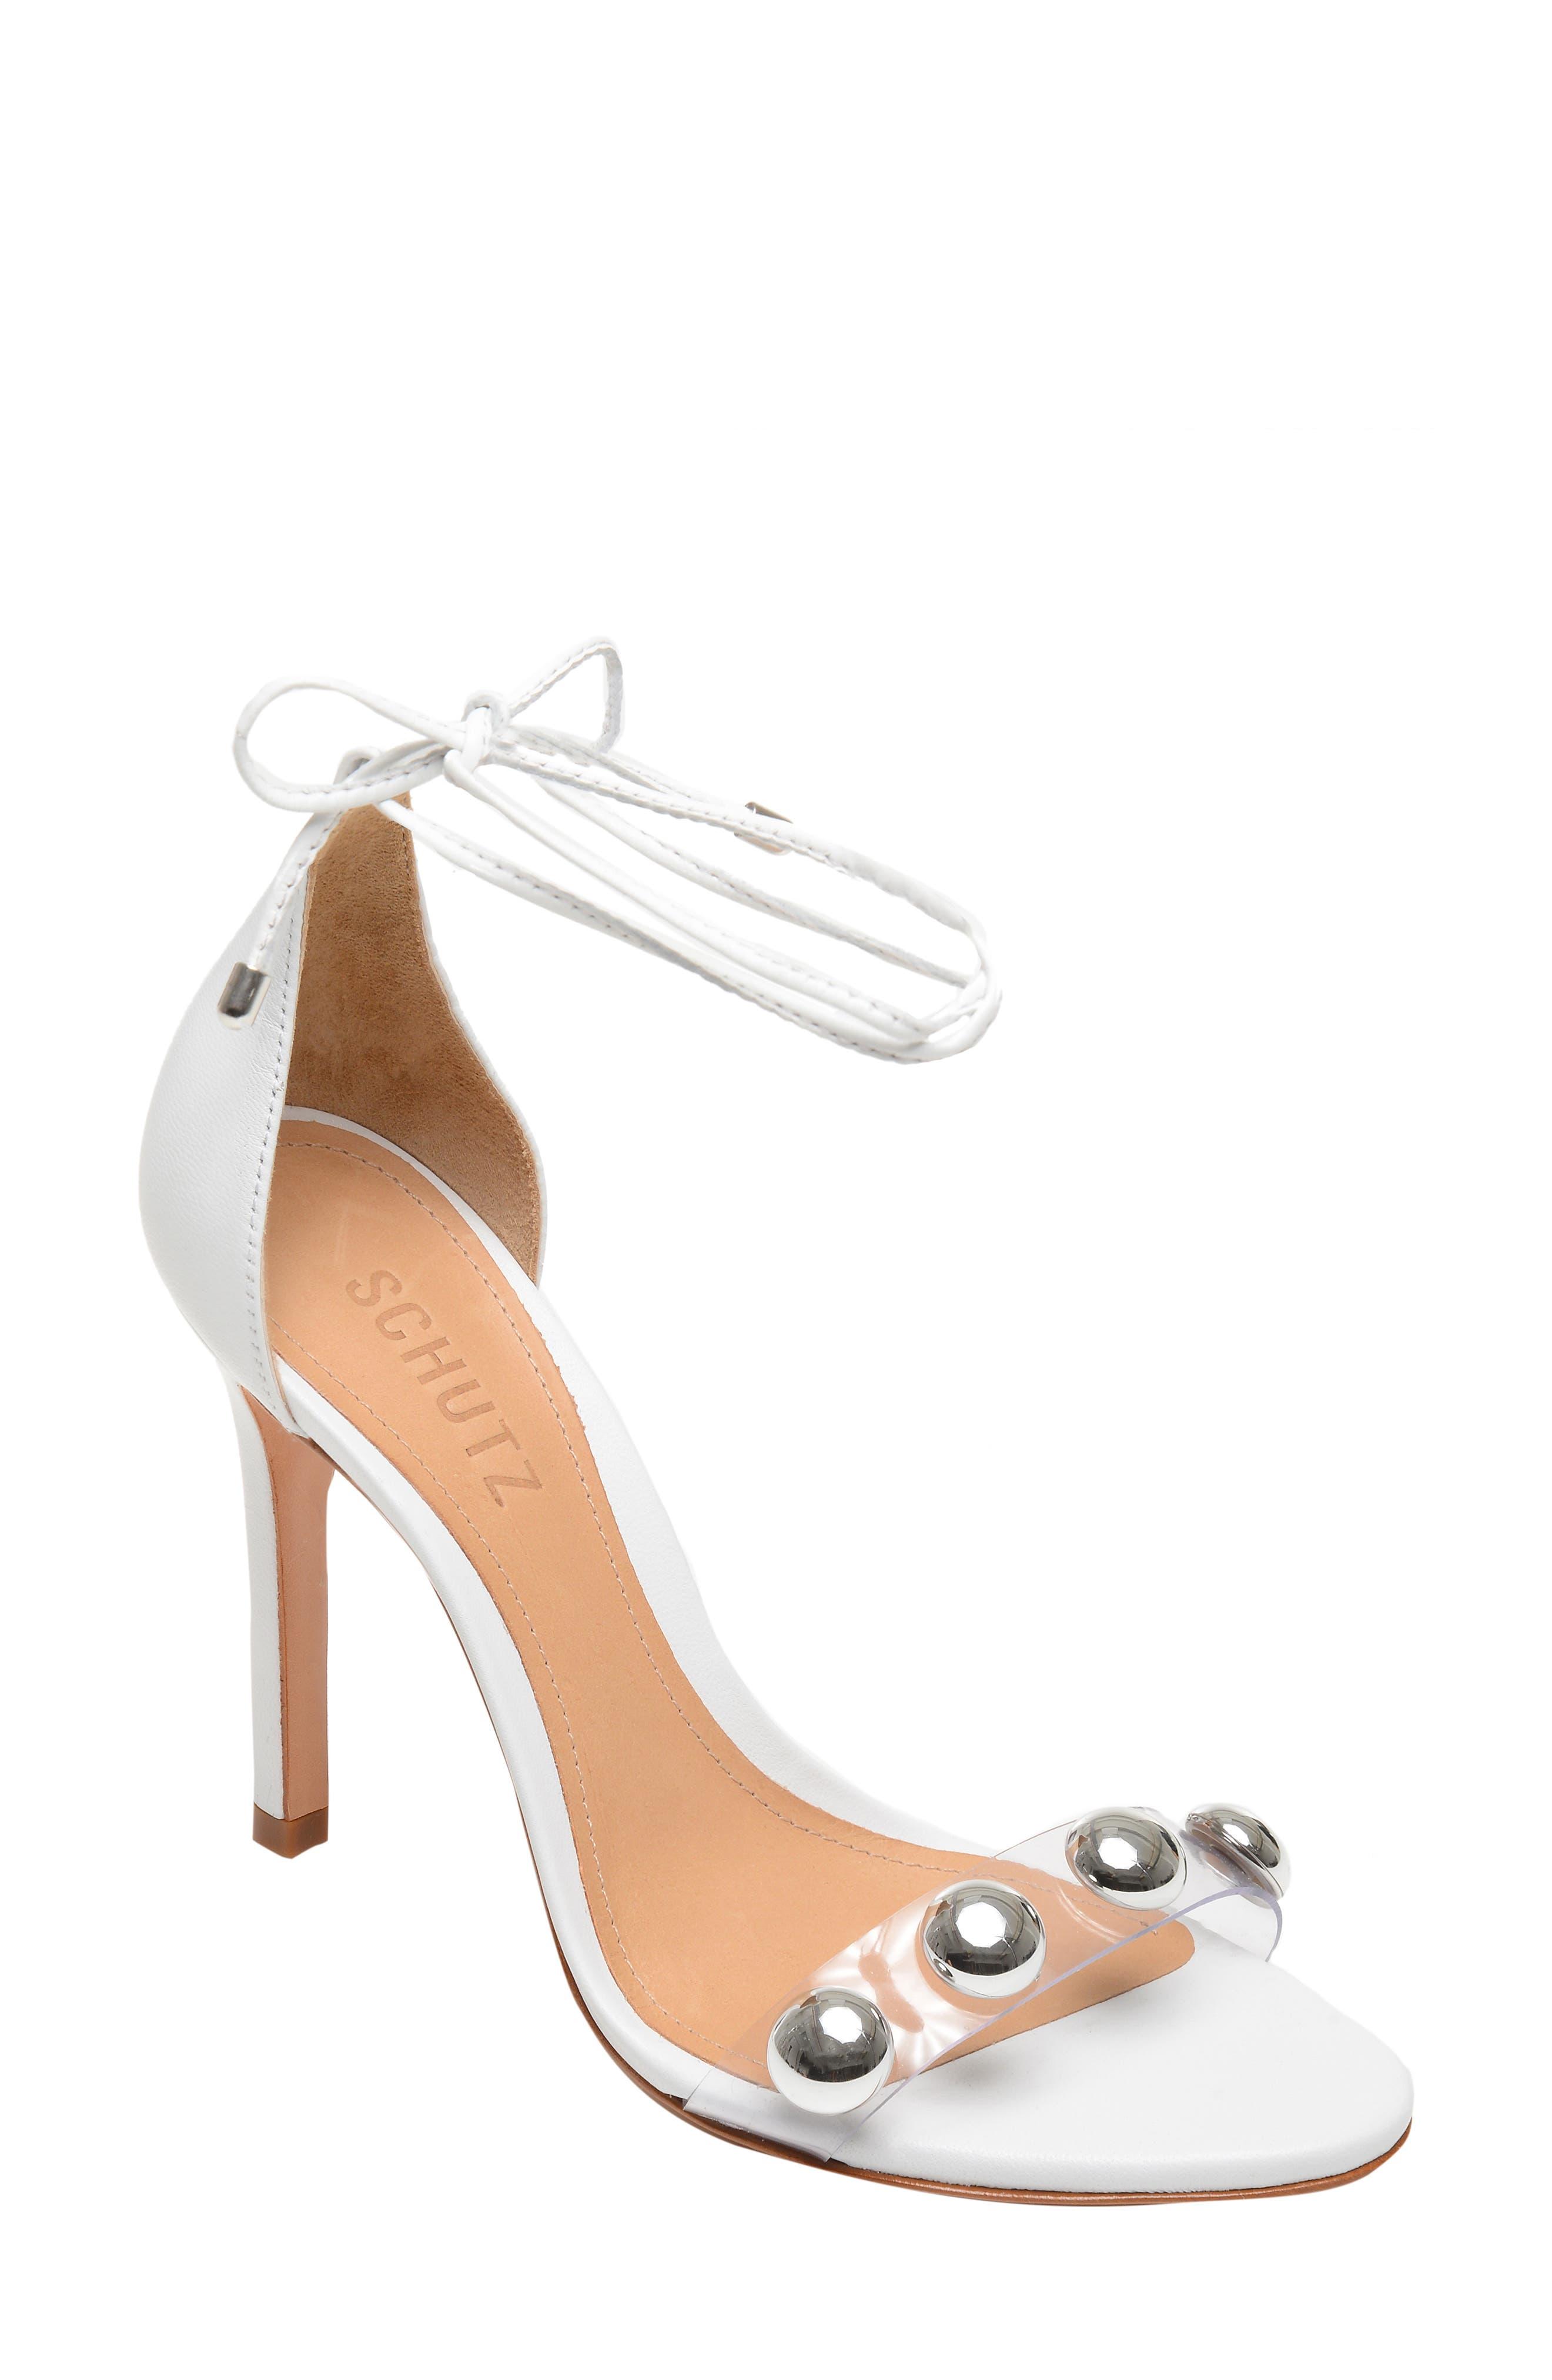 Schutz Ramon Studded Wraparound Sandal, White